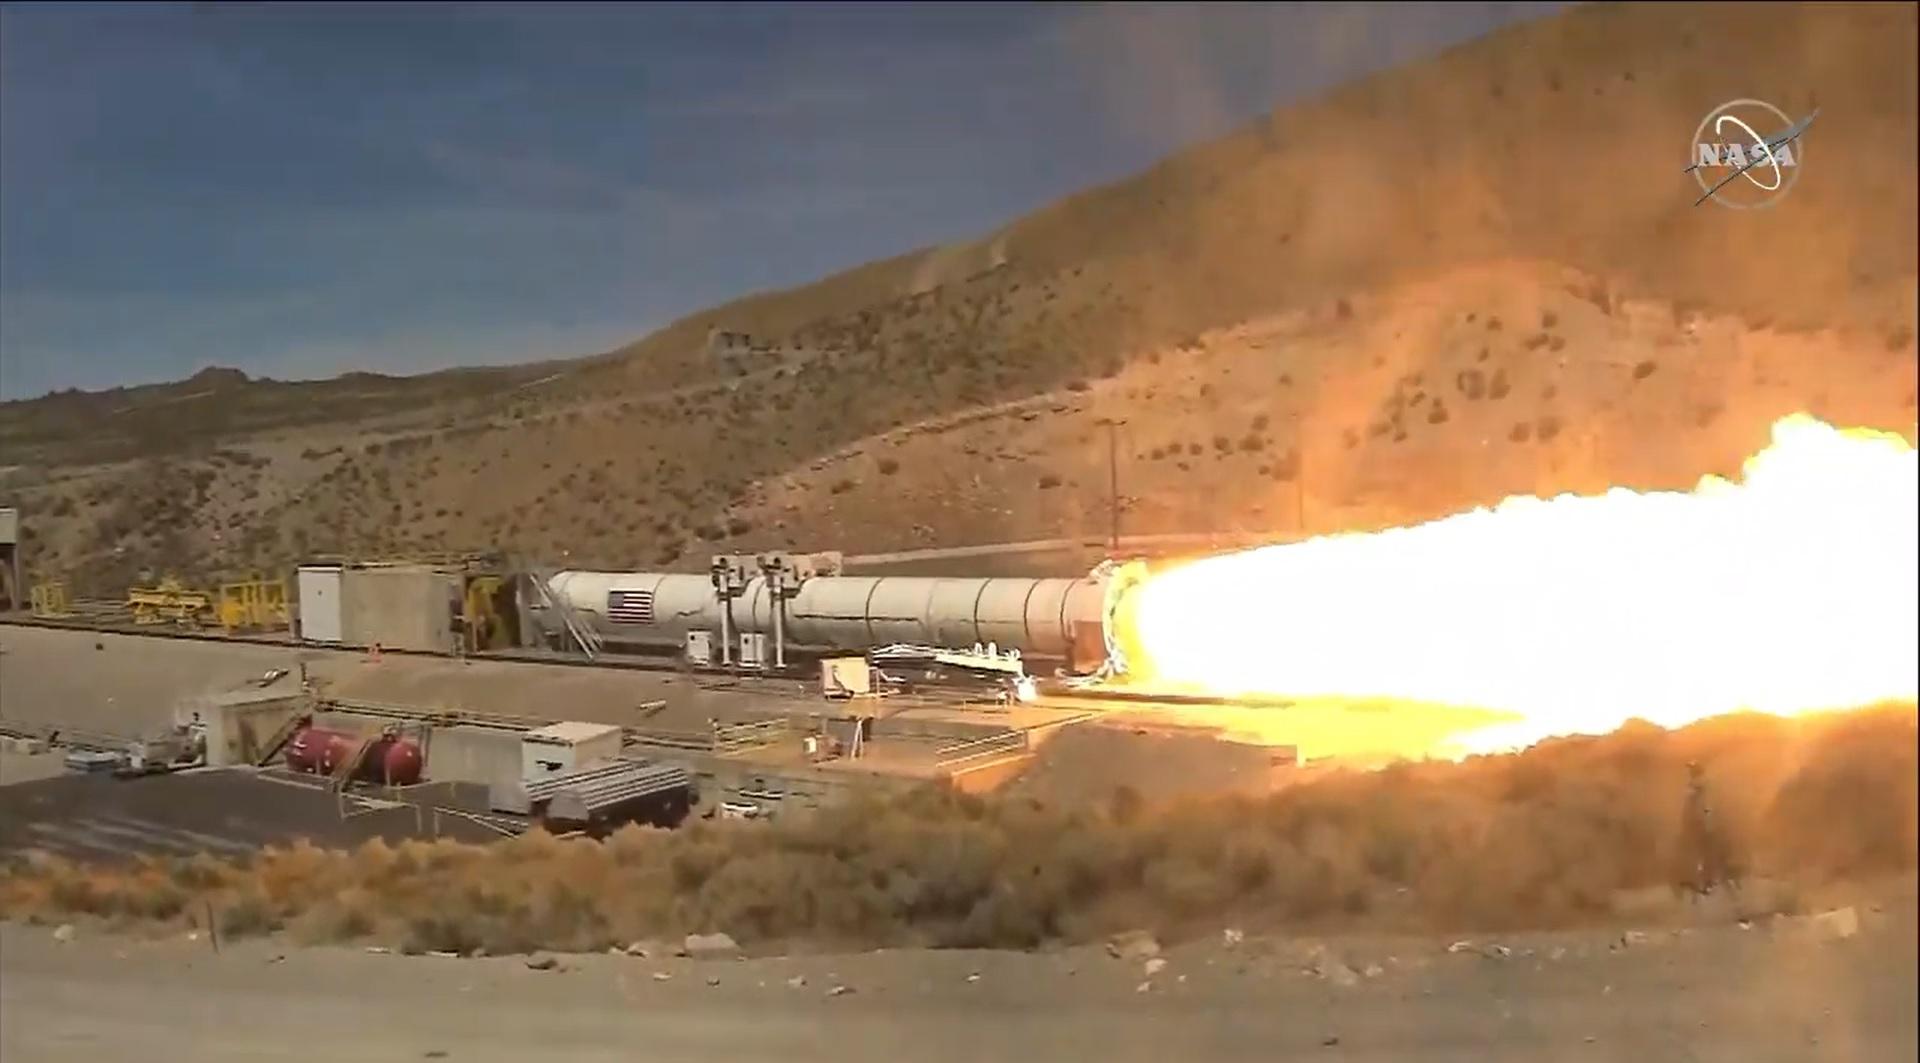 Миссия НАСА Artemis Moon стала важной вехой благодаря успешным полномасштабным испытаниям ракеты-носителя